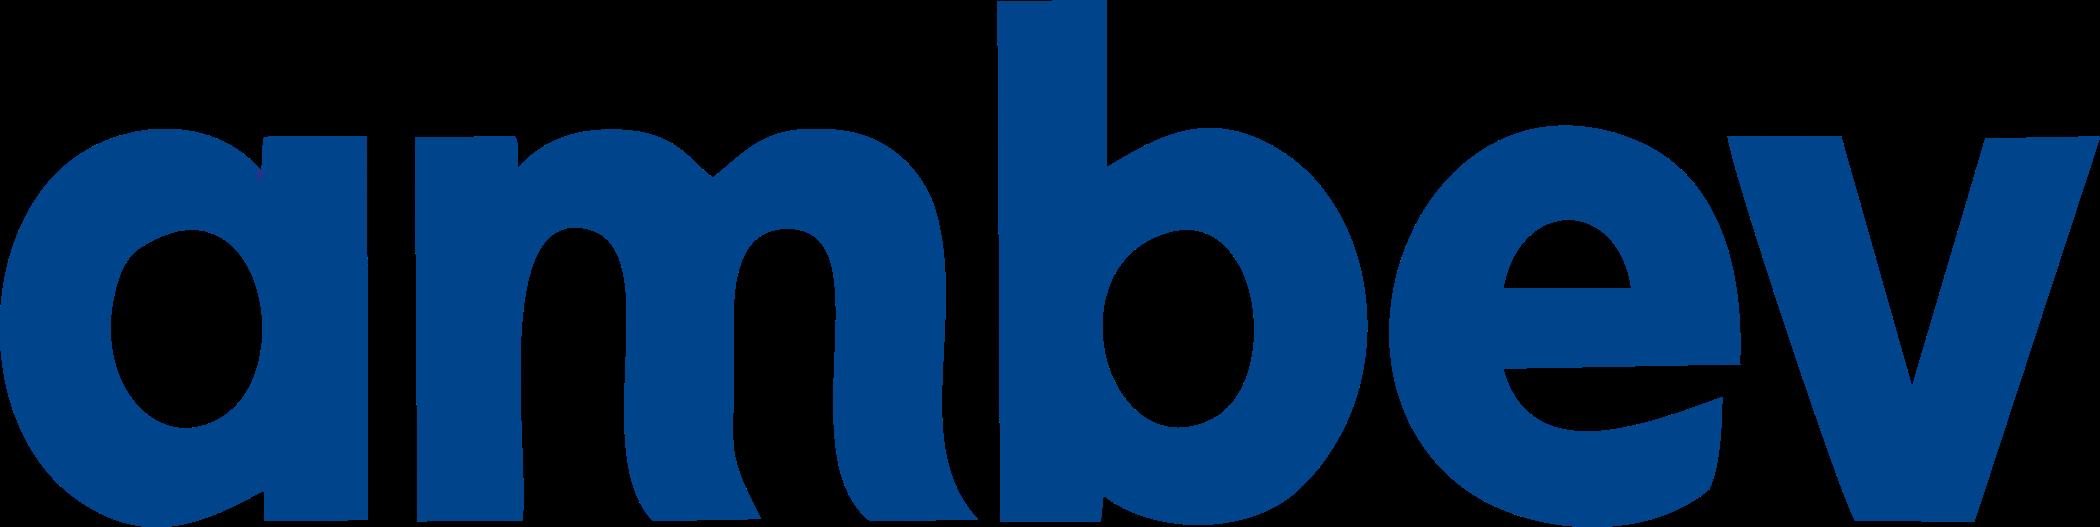 Ambev logo.